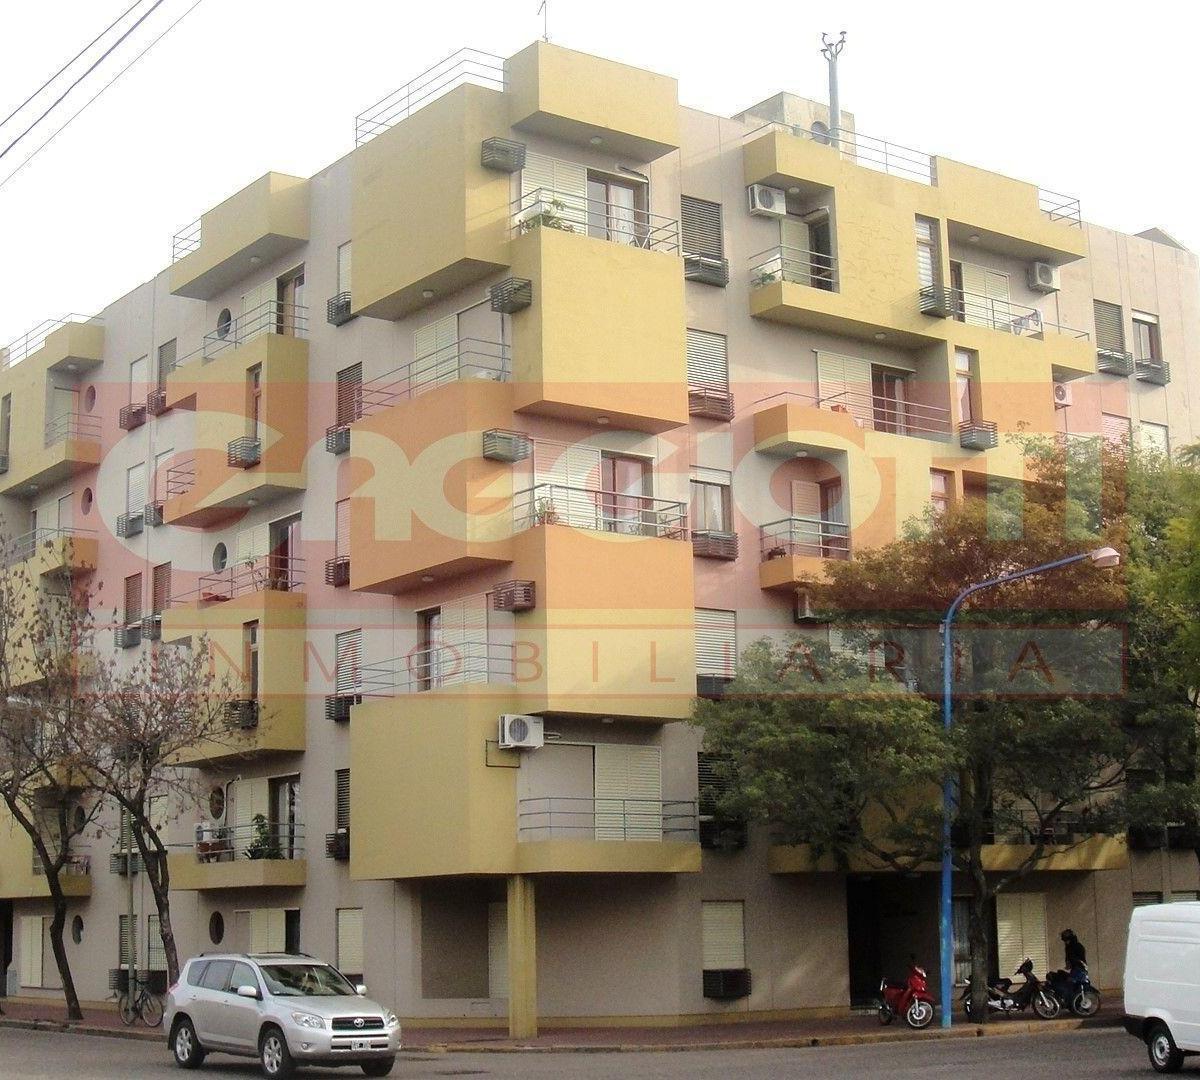 Velez Sarsfield esq. Av. H. Irigoyen 5º Piso - Gaggiotti Inmobiliaria cuenta con más de 50 años desde que se inicio en el negocio de los servicios inmobiliarios.